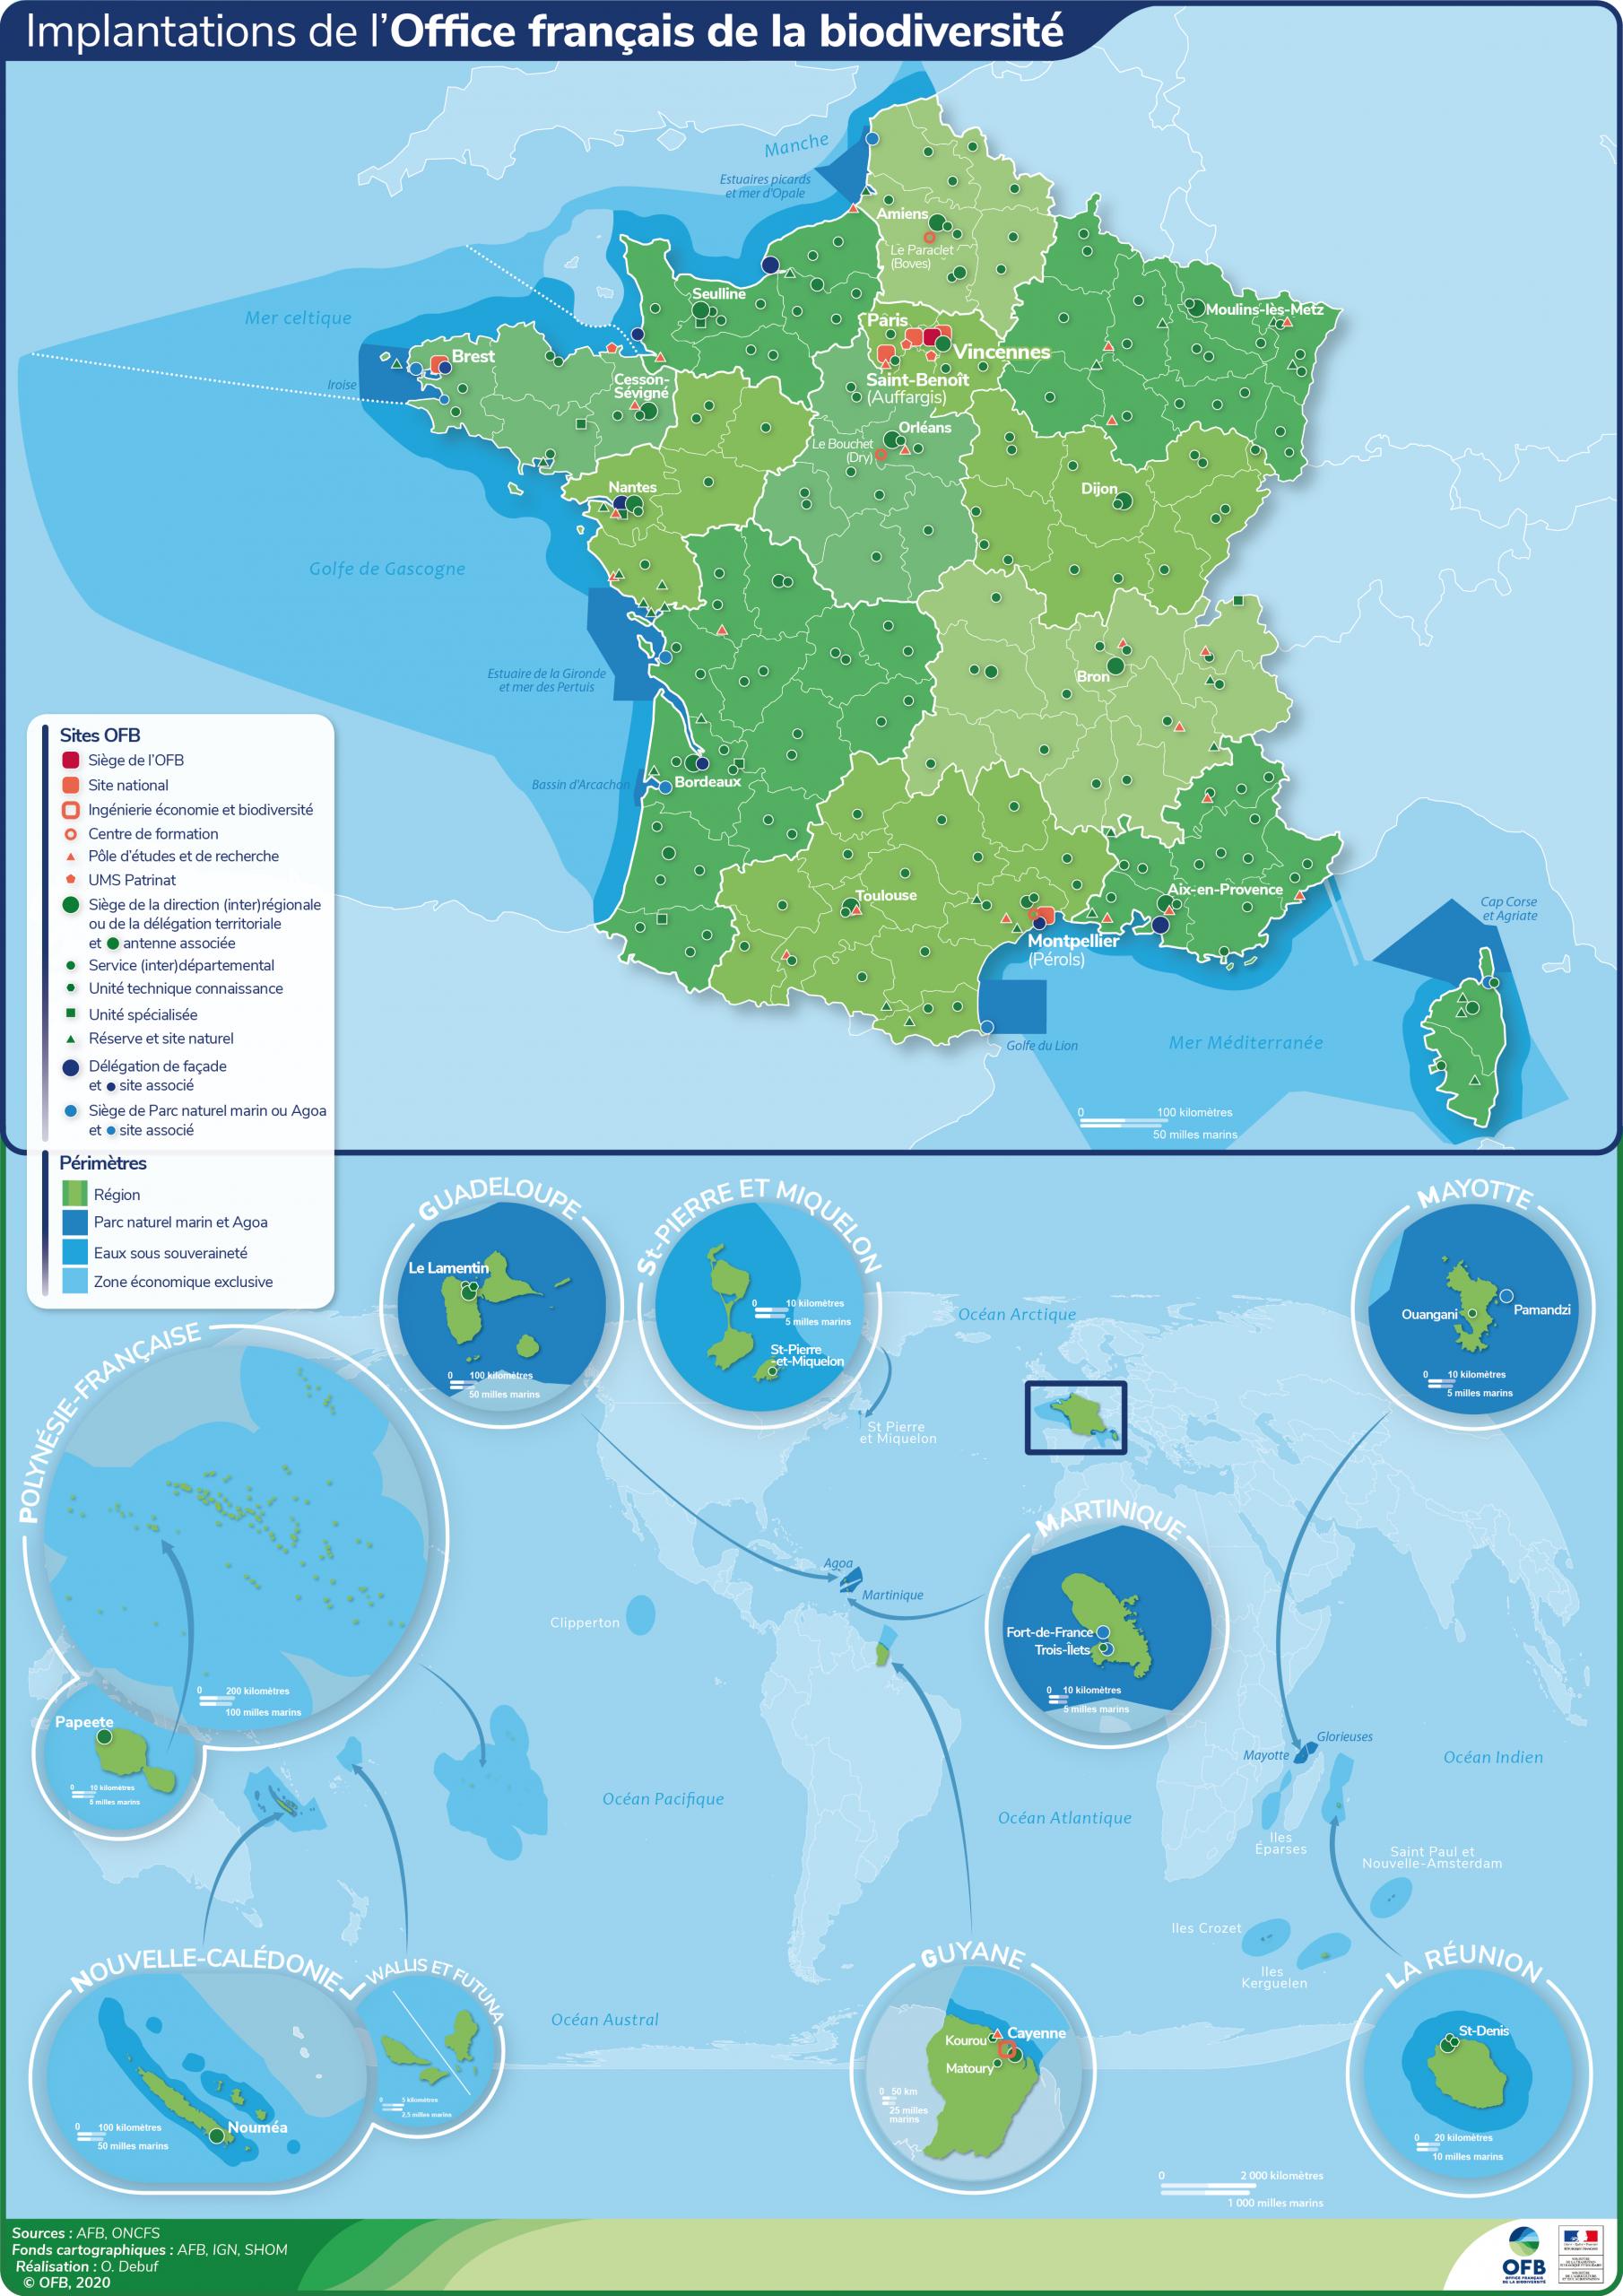 Contacts Et Implantations | Office Français De La Biodiversité intérieur Département D Outre Mer Carte